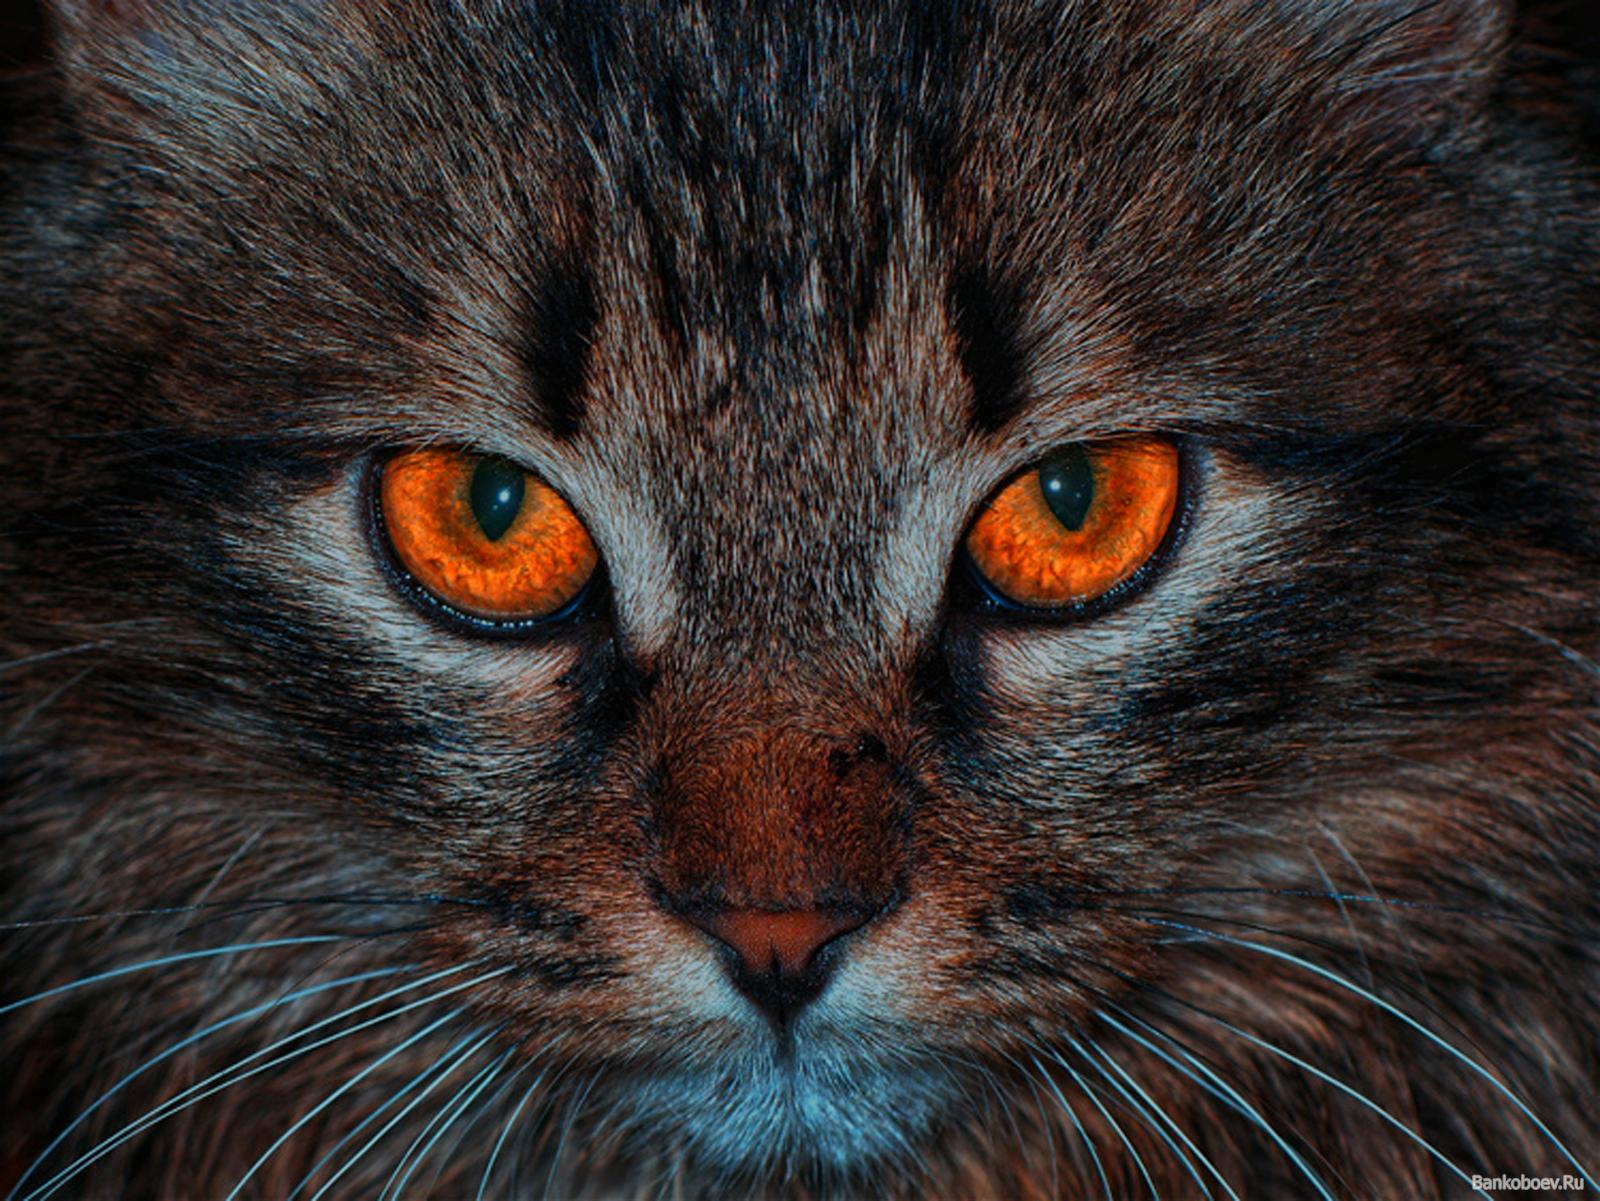 как узнать возраст кошки в домашних условиях